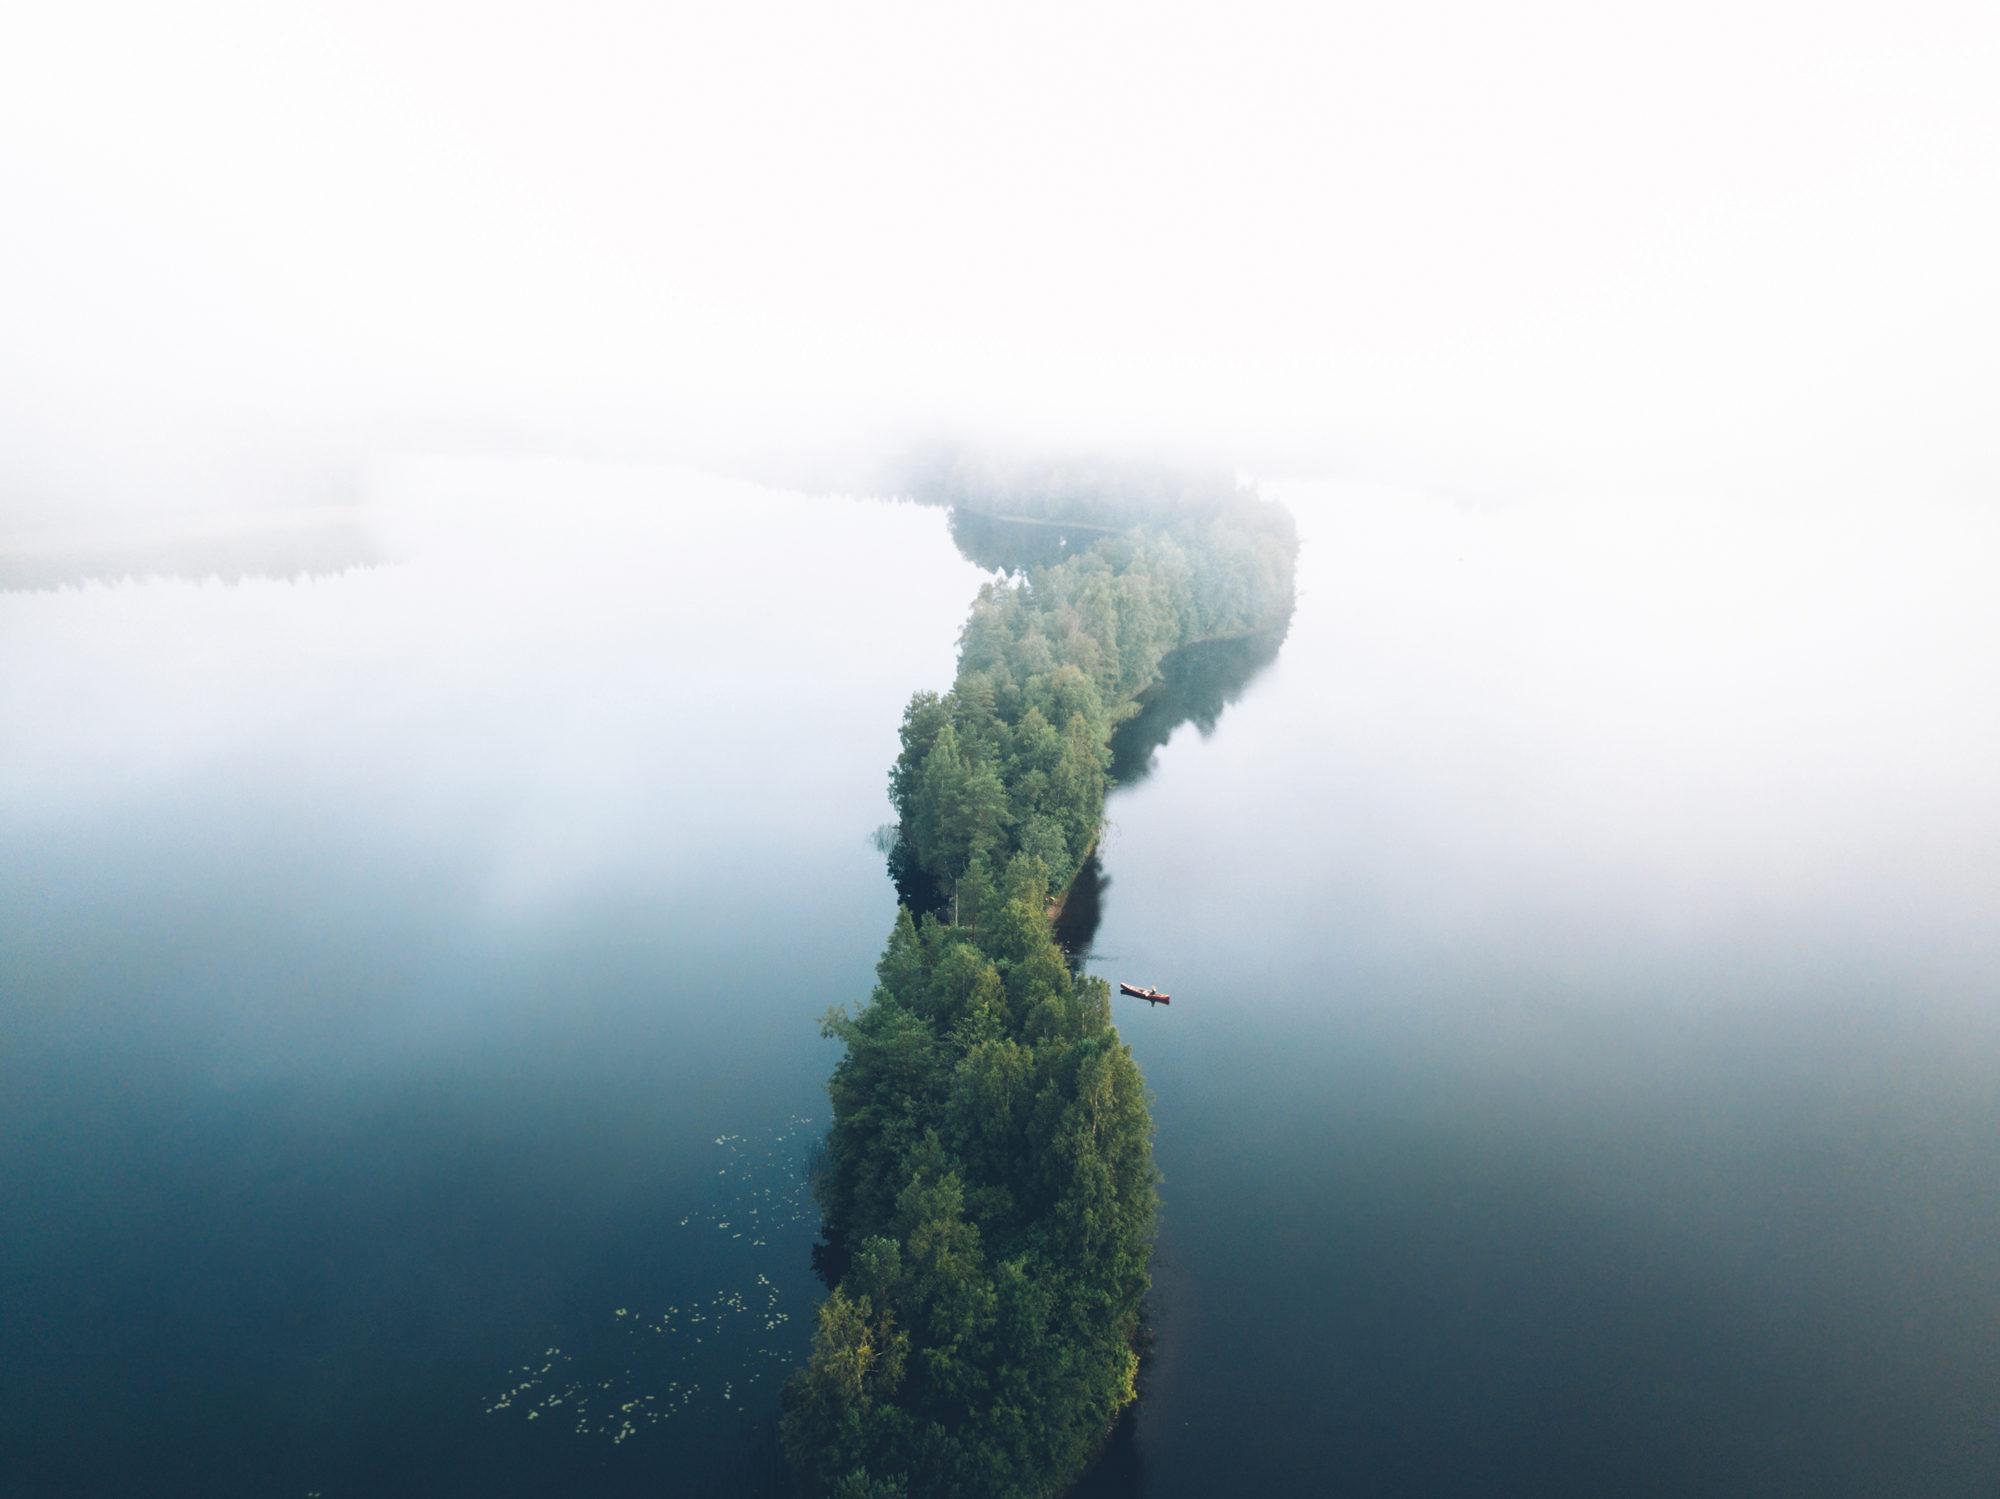 Eerikkila-Luontokeskus-Liesjarvi-ilmakuva